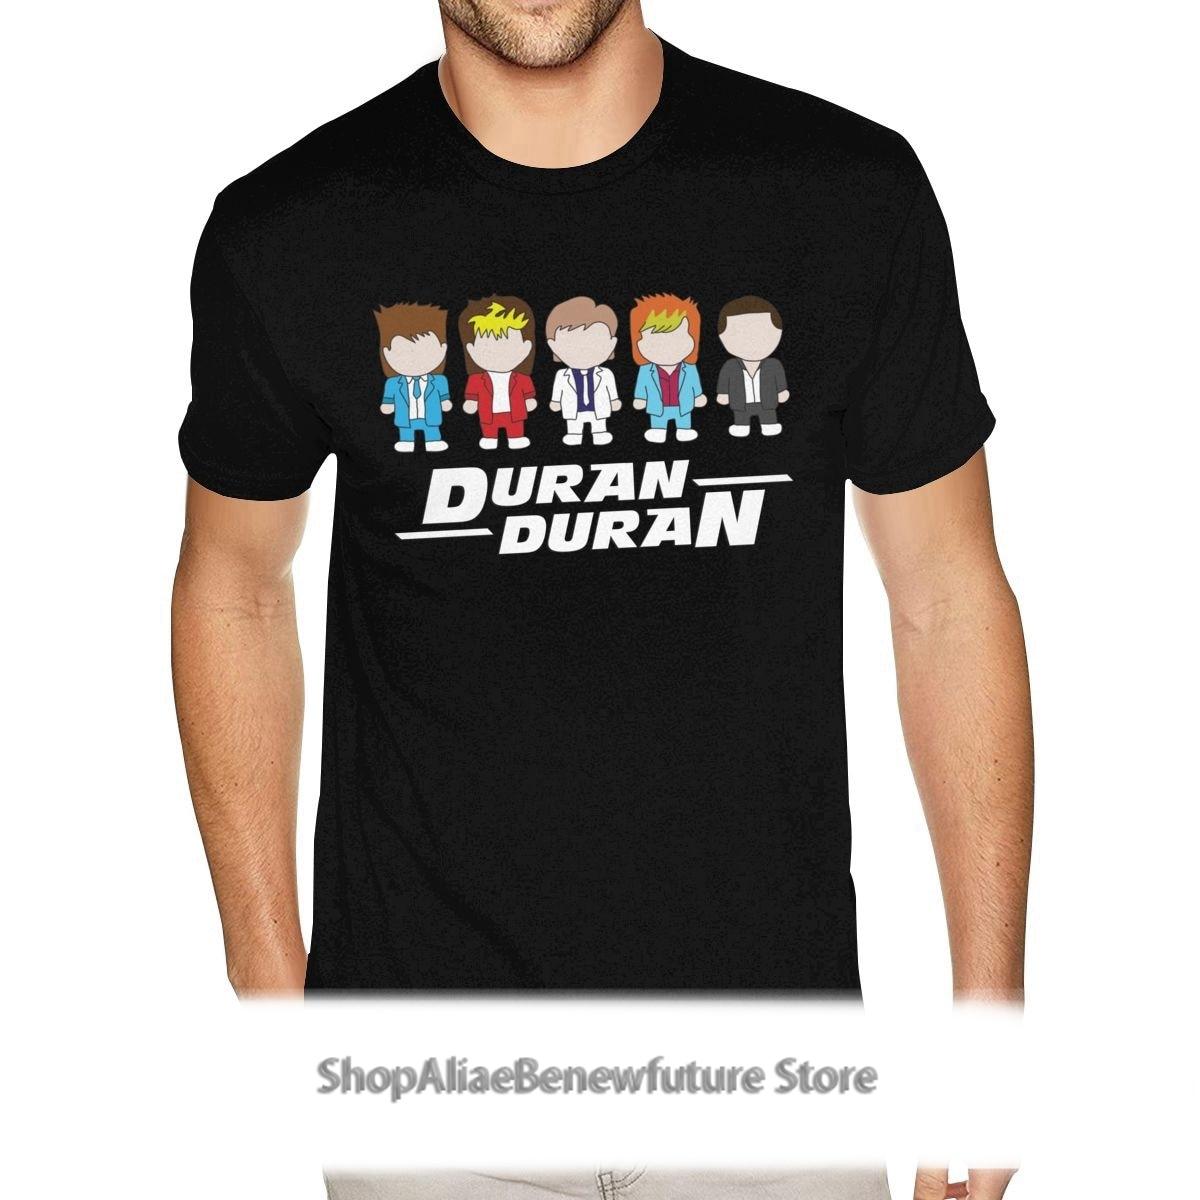 Camisetas deportivas para hombre de camiseta de manga corta con estampado personalizado...